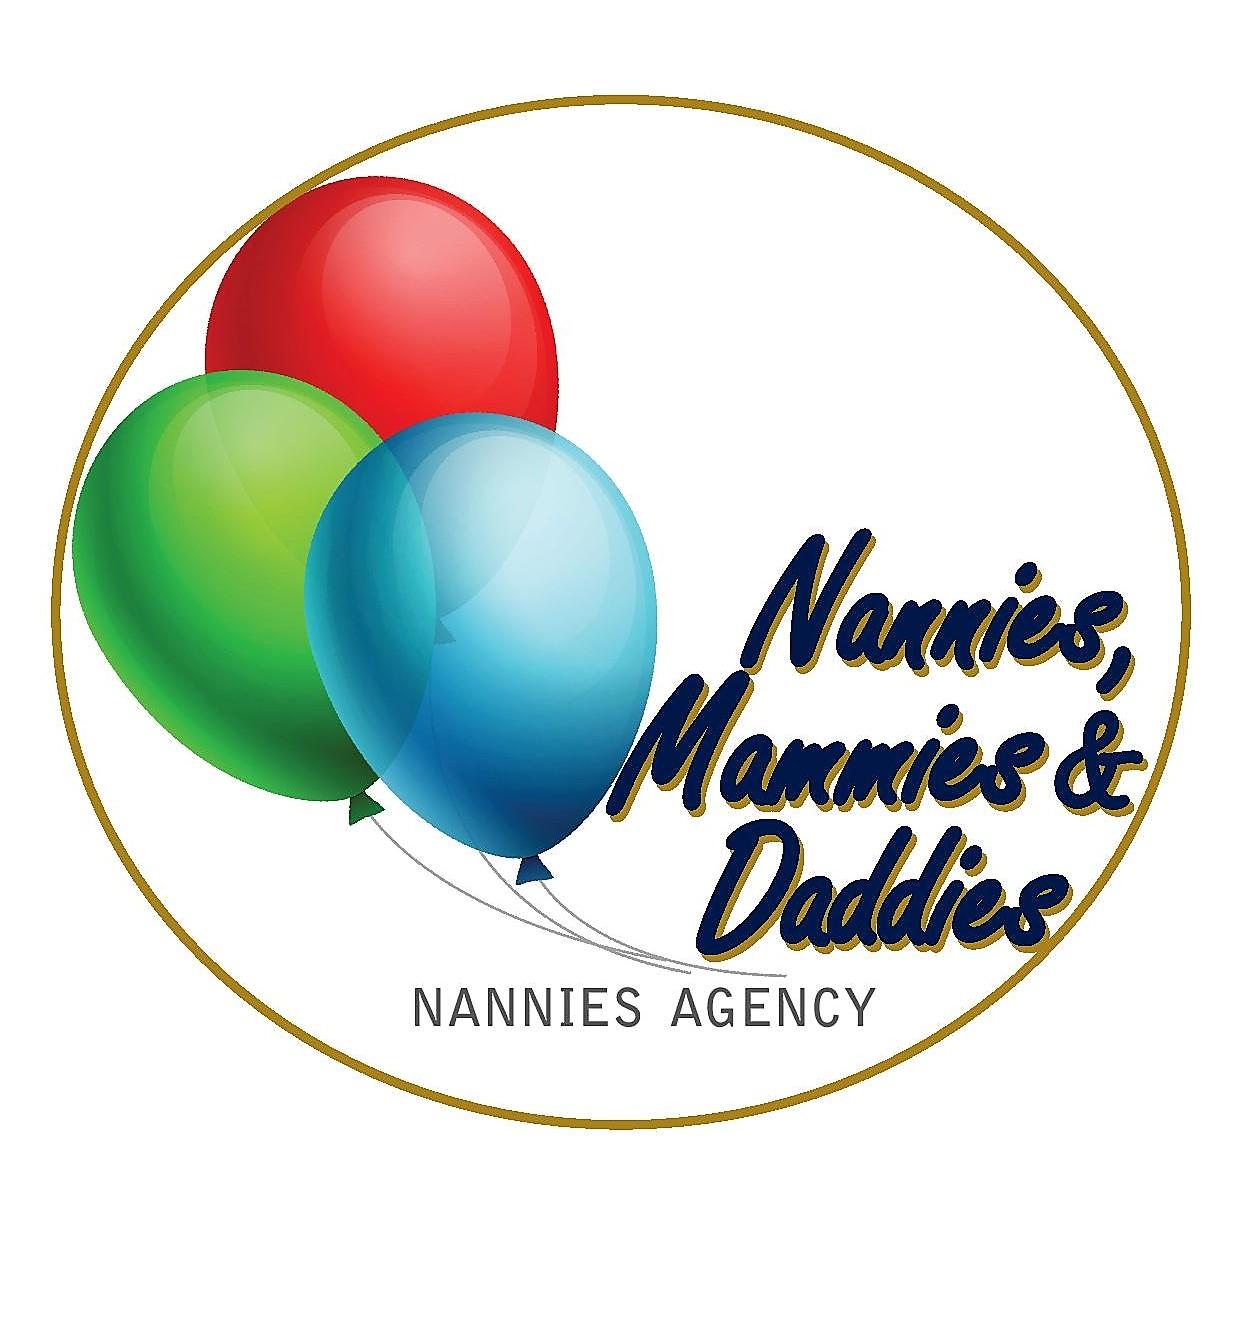 Nannies,Mammies&Daddies